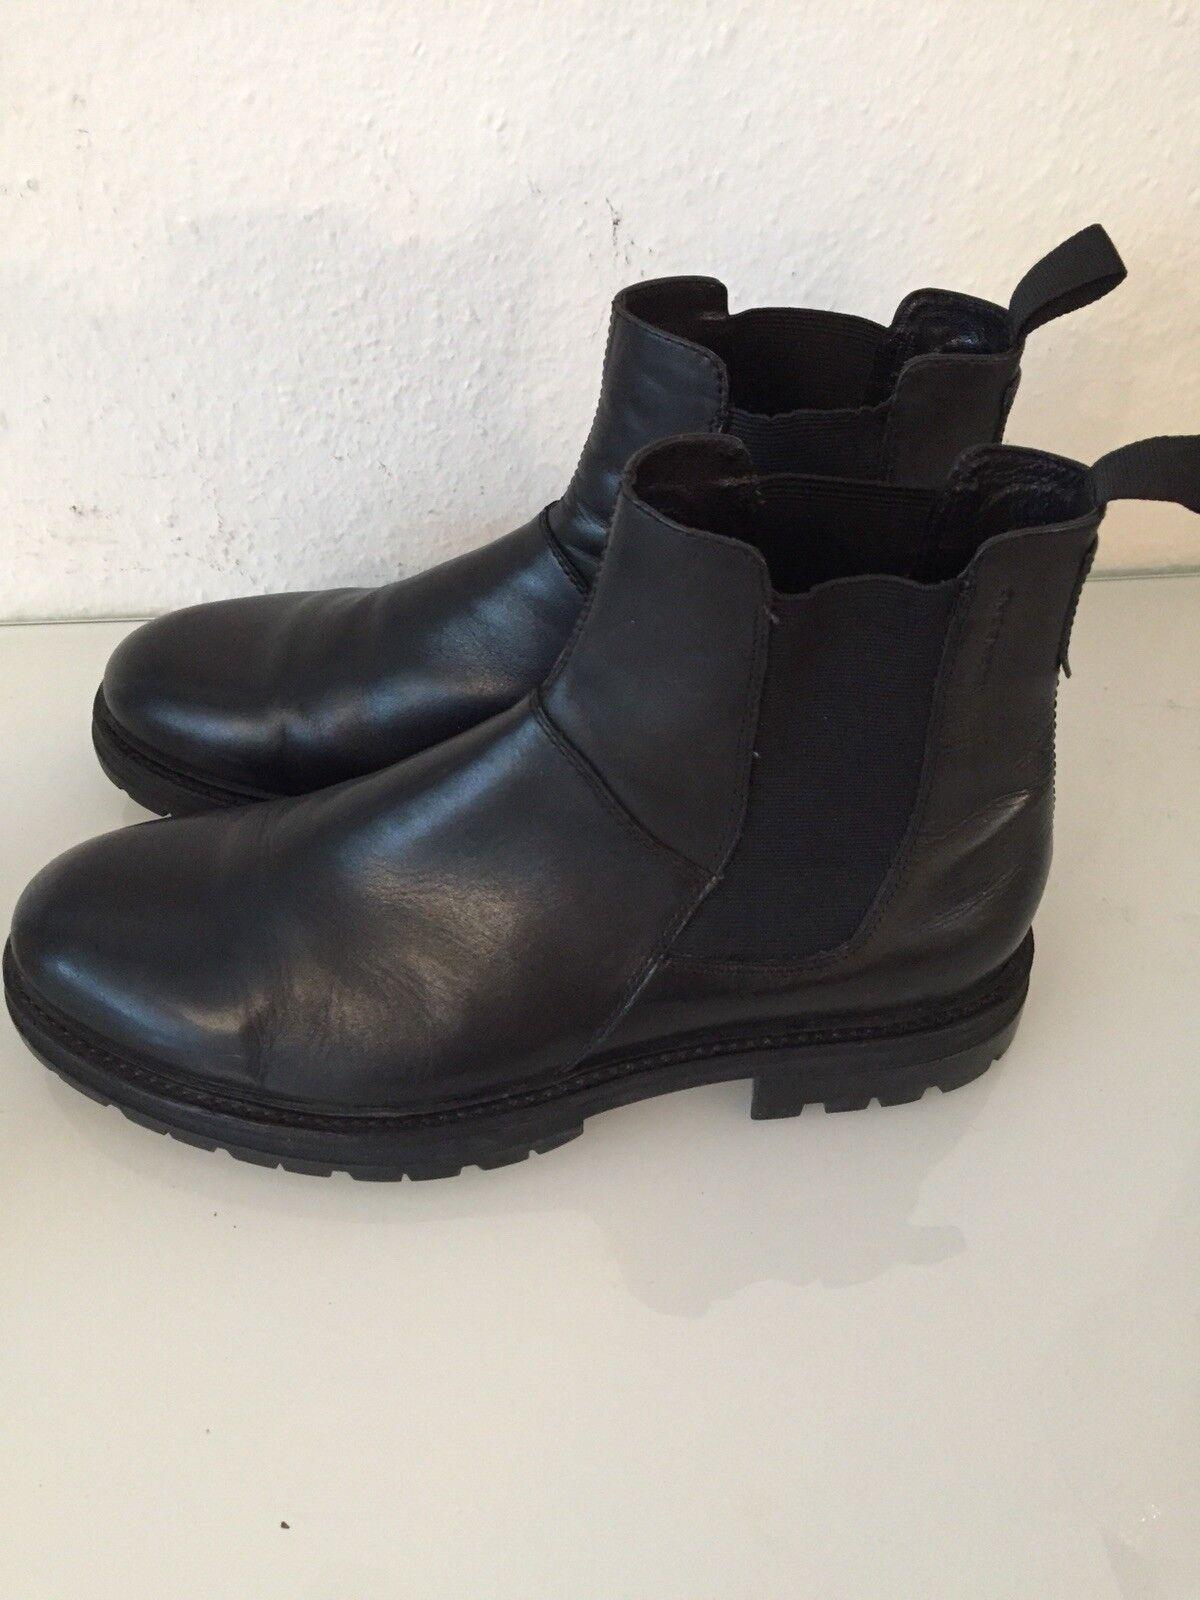 Vagabond 43 Herren Stiefel Halb Boots gr 43 Vagabond echt Leder schwarz NP a54a5c